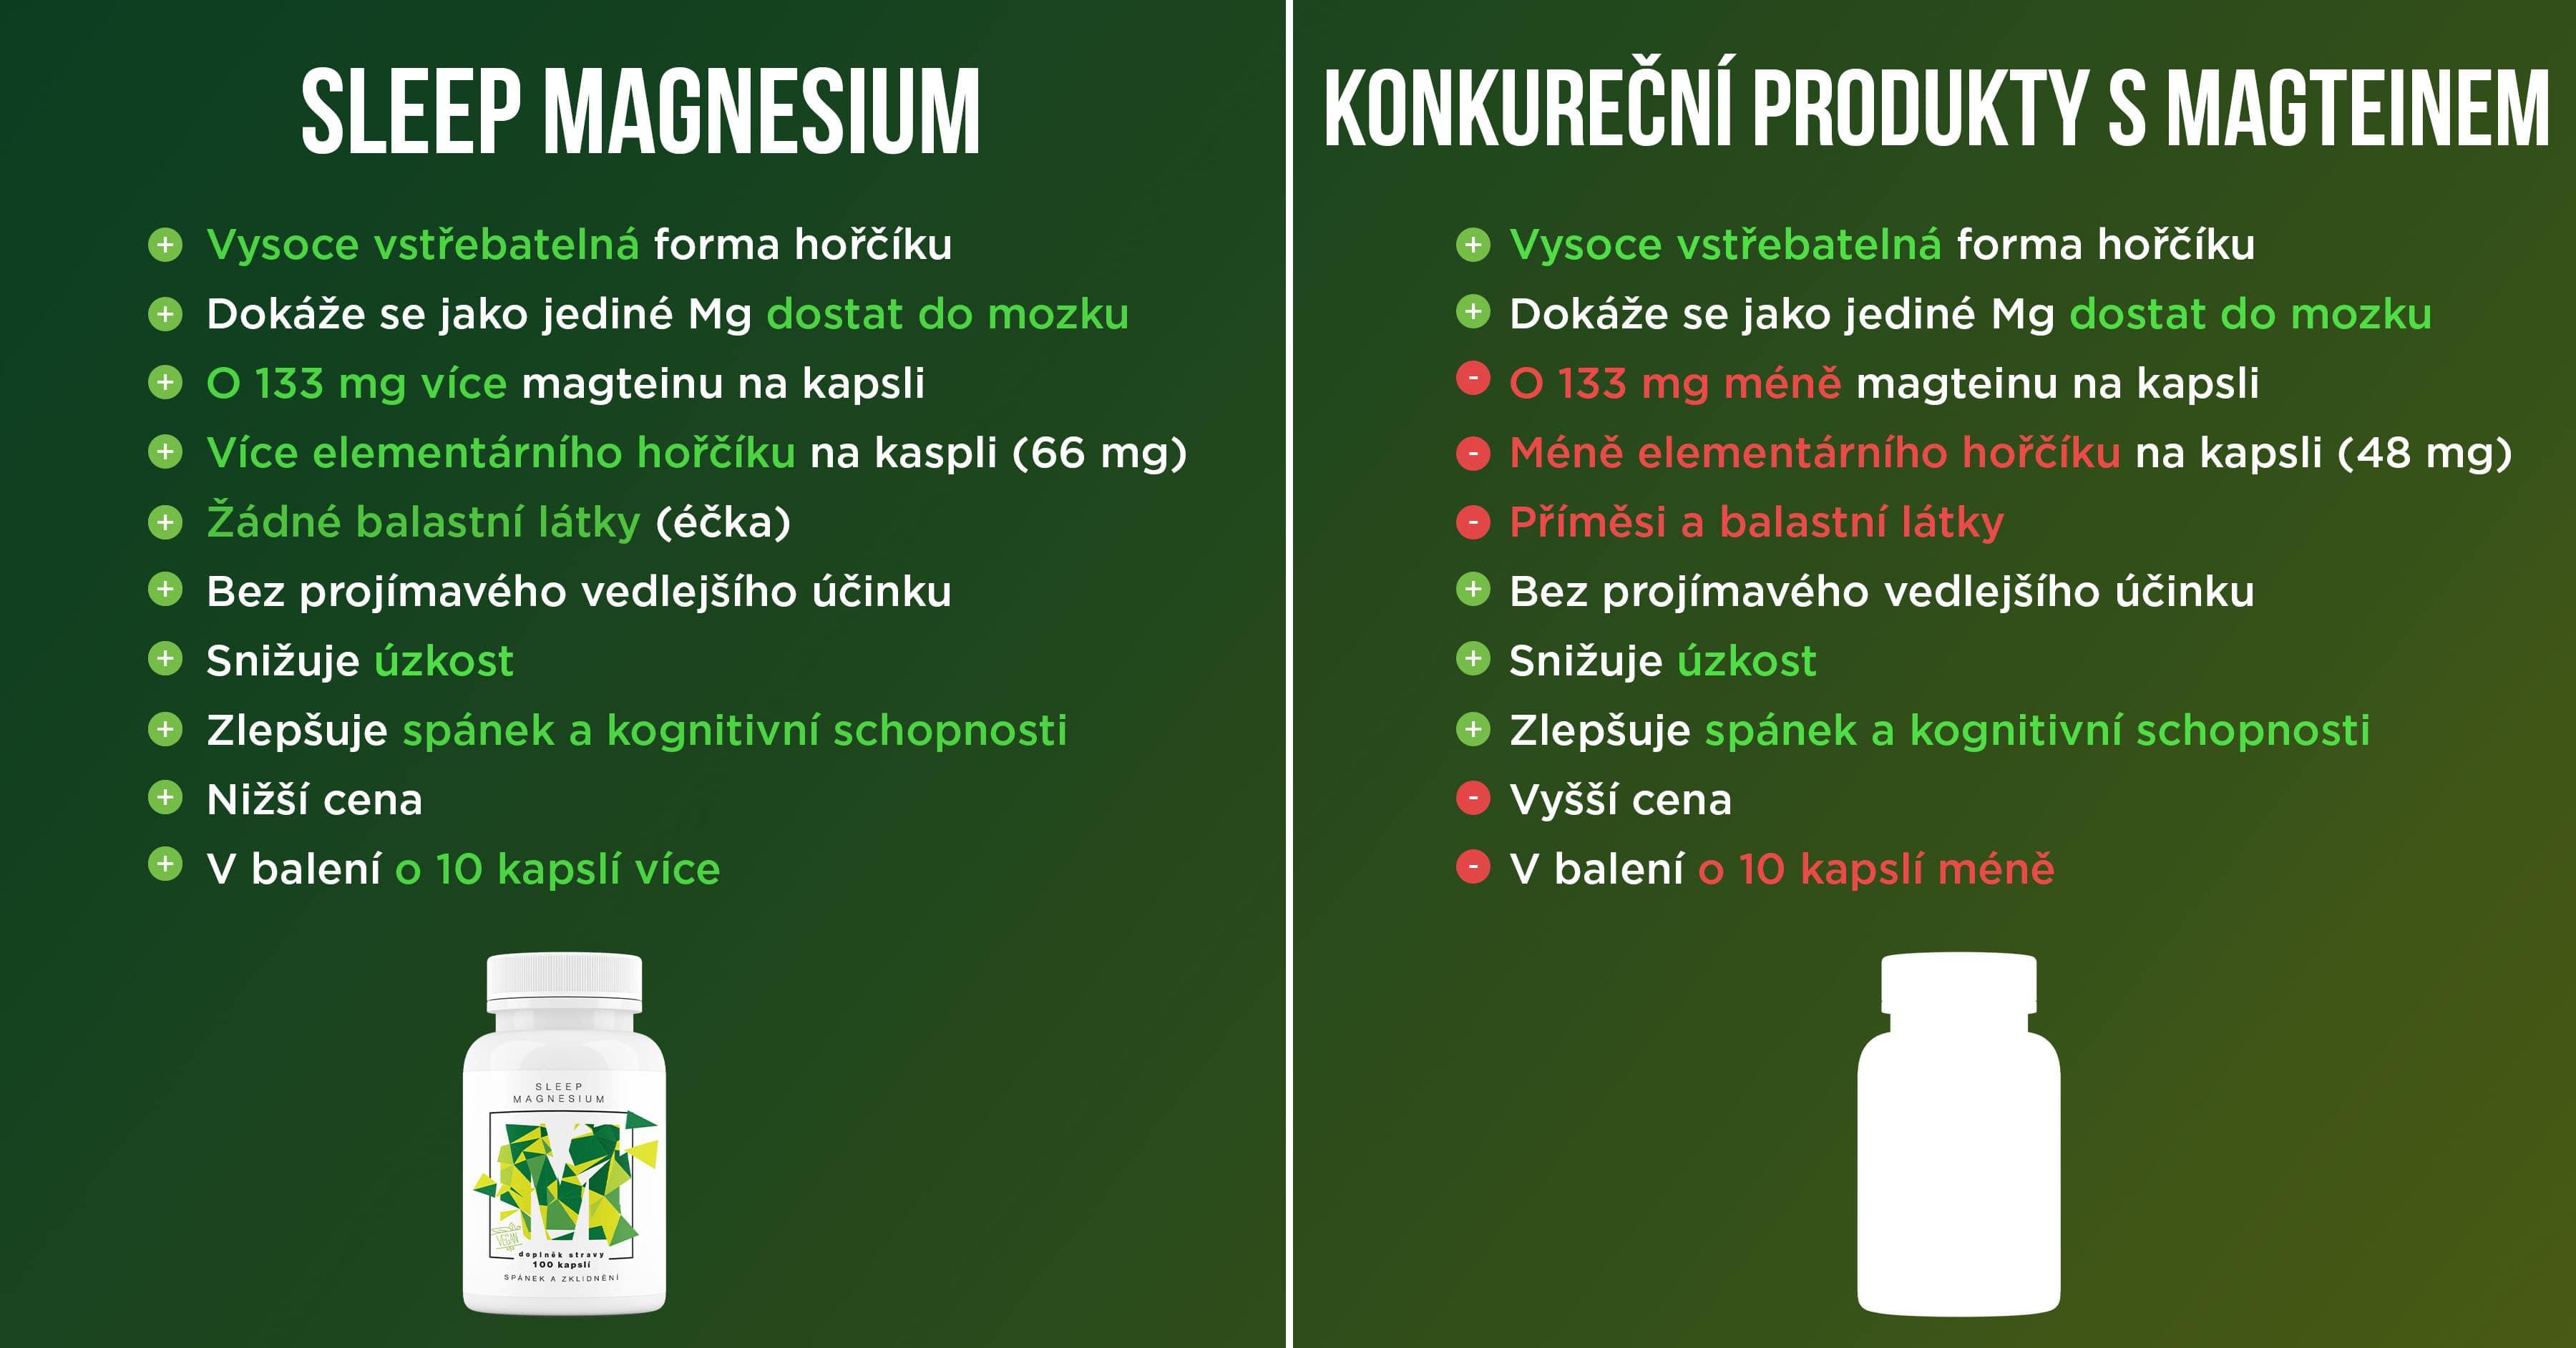 srovnani-sleep-magnesium-min (1)